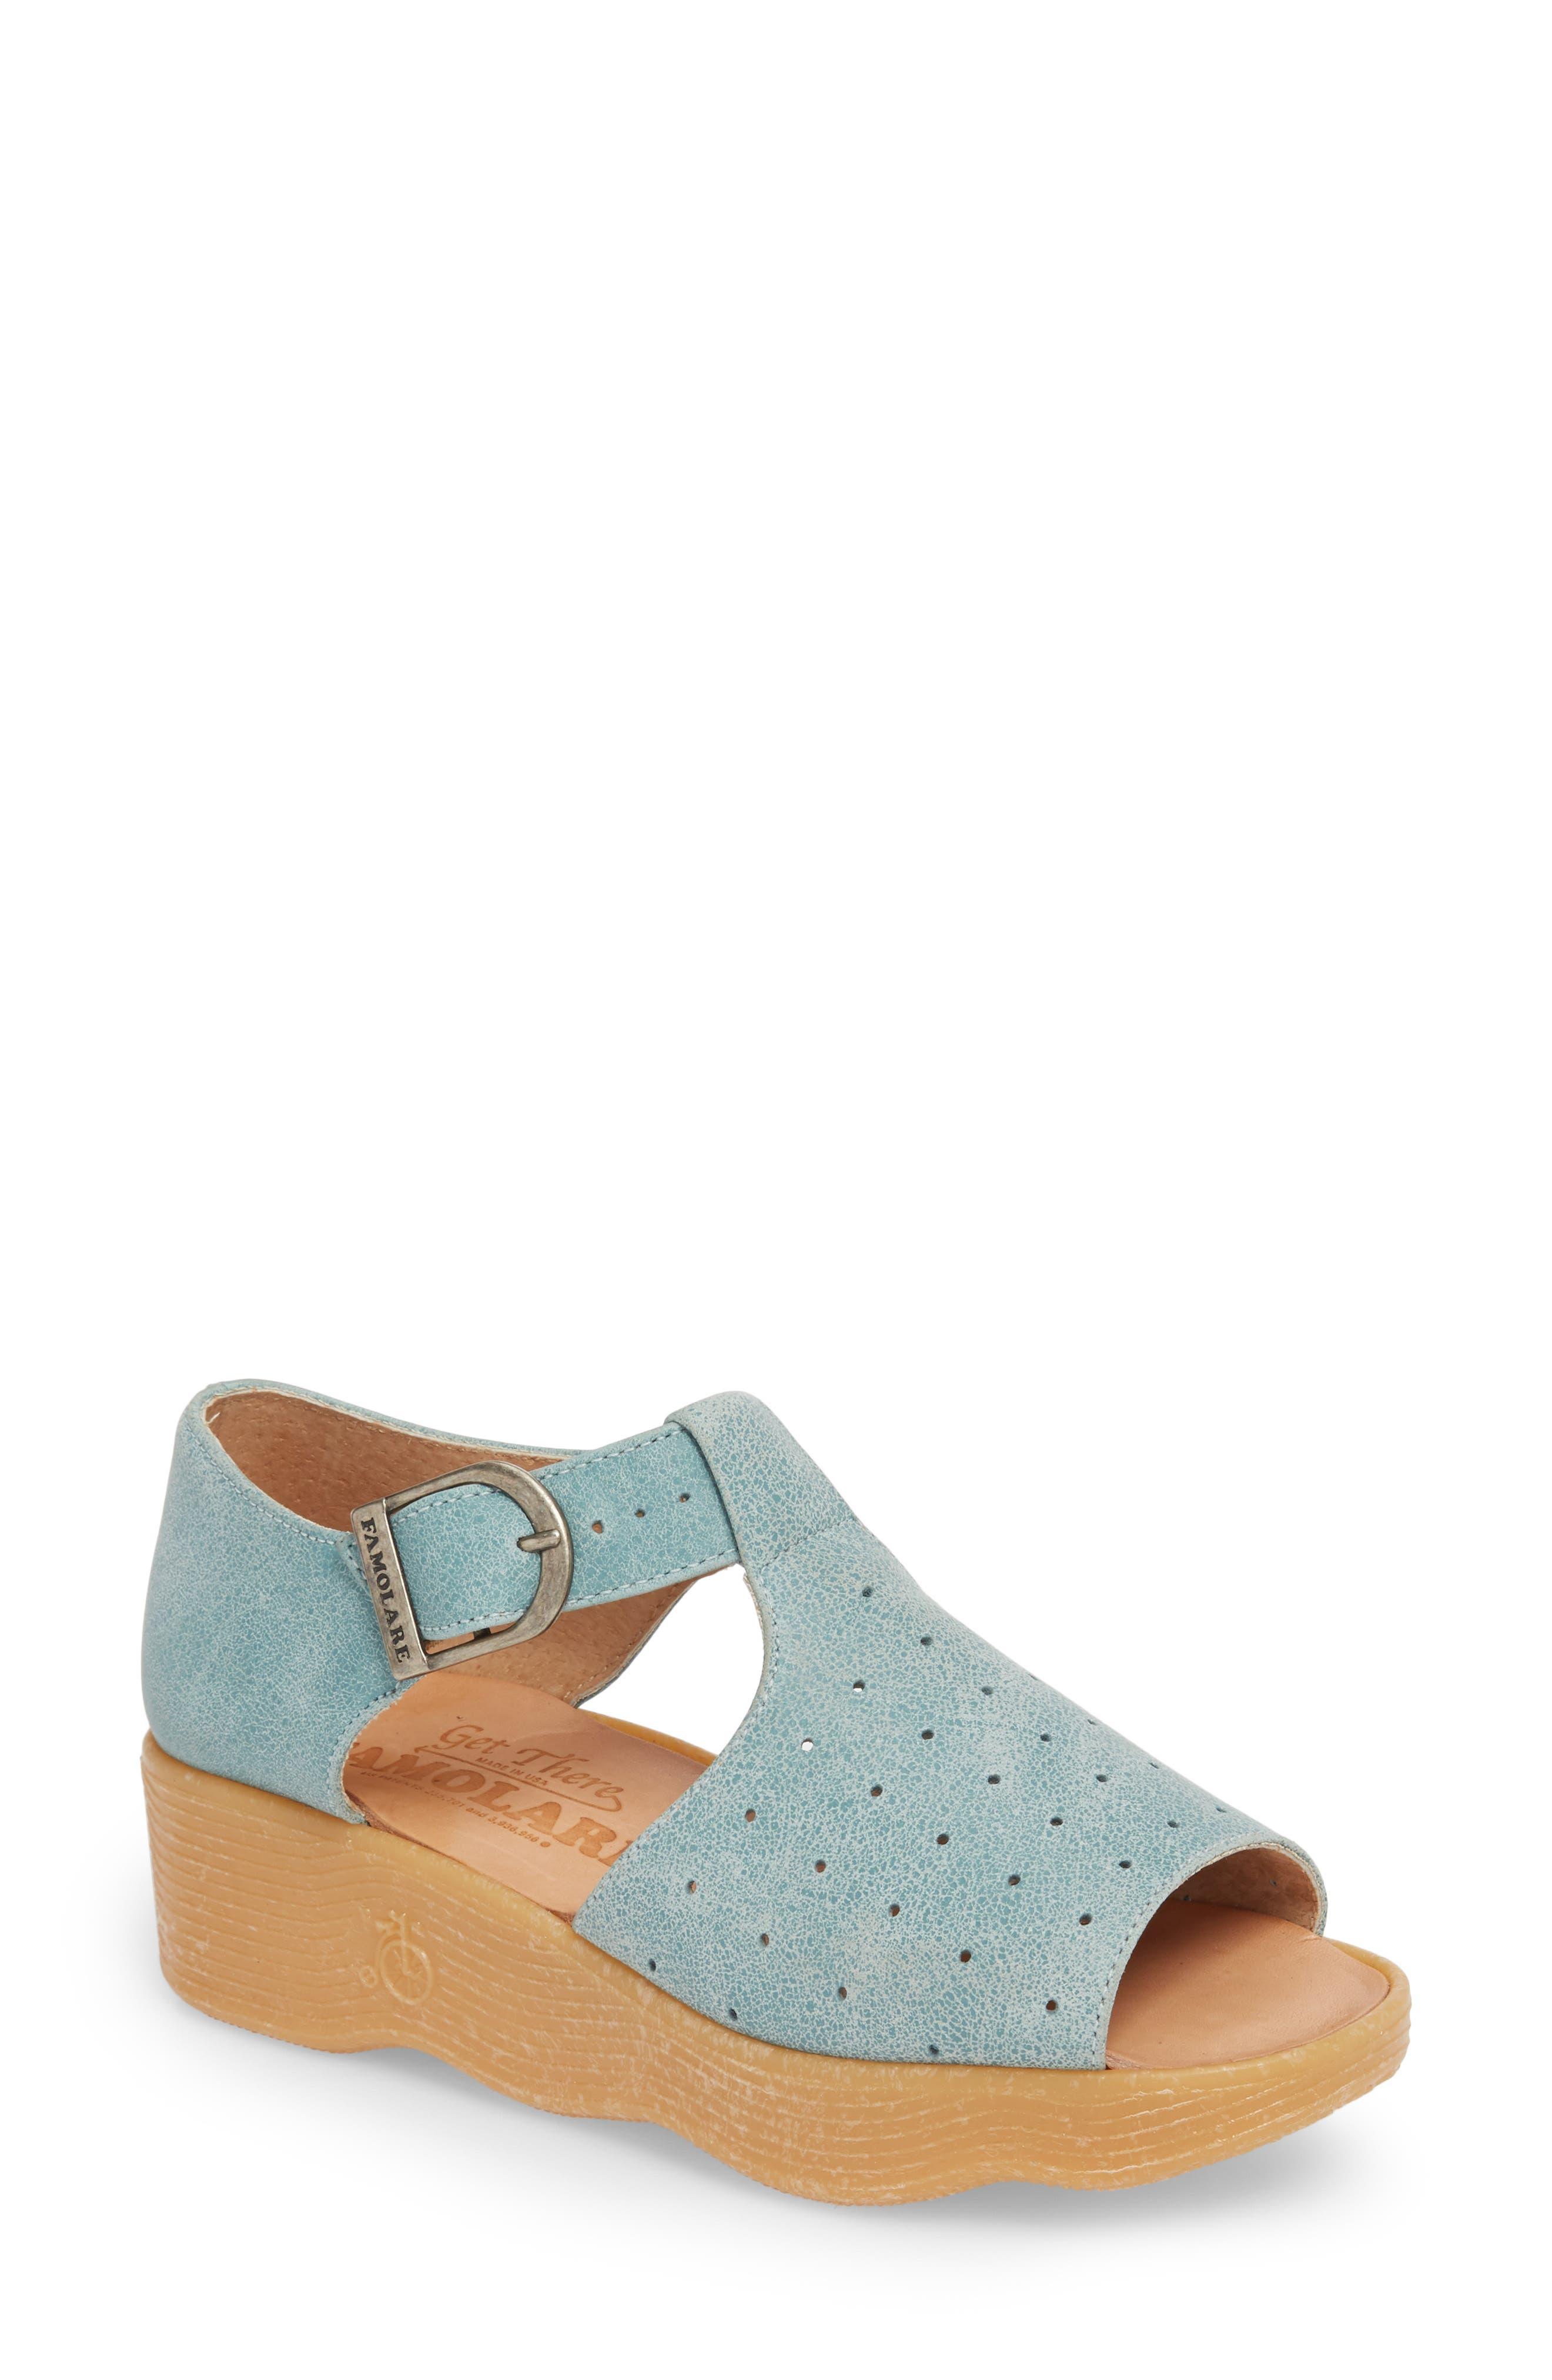 Holey Moley Wedge Sandal,                             Main thumbnail 1, color,                             Aqua Mix Leather